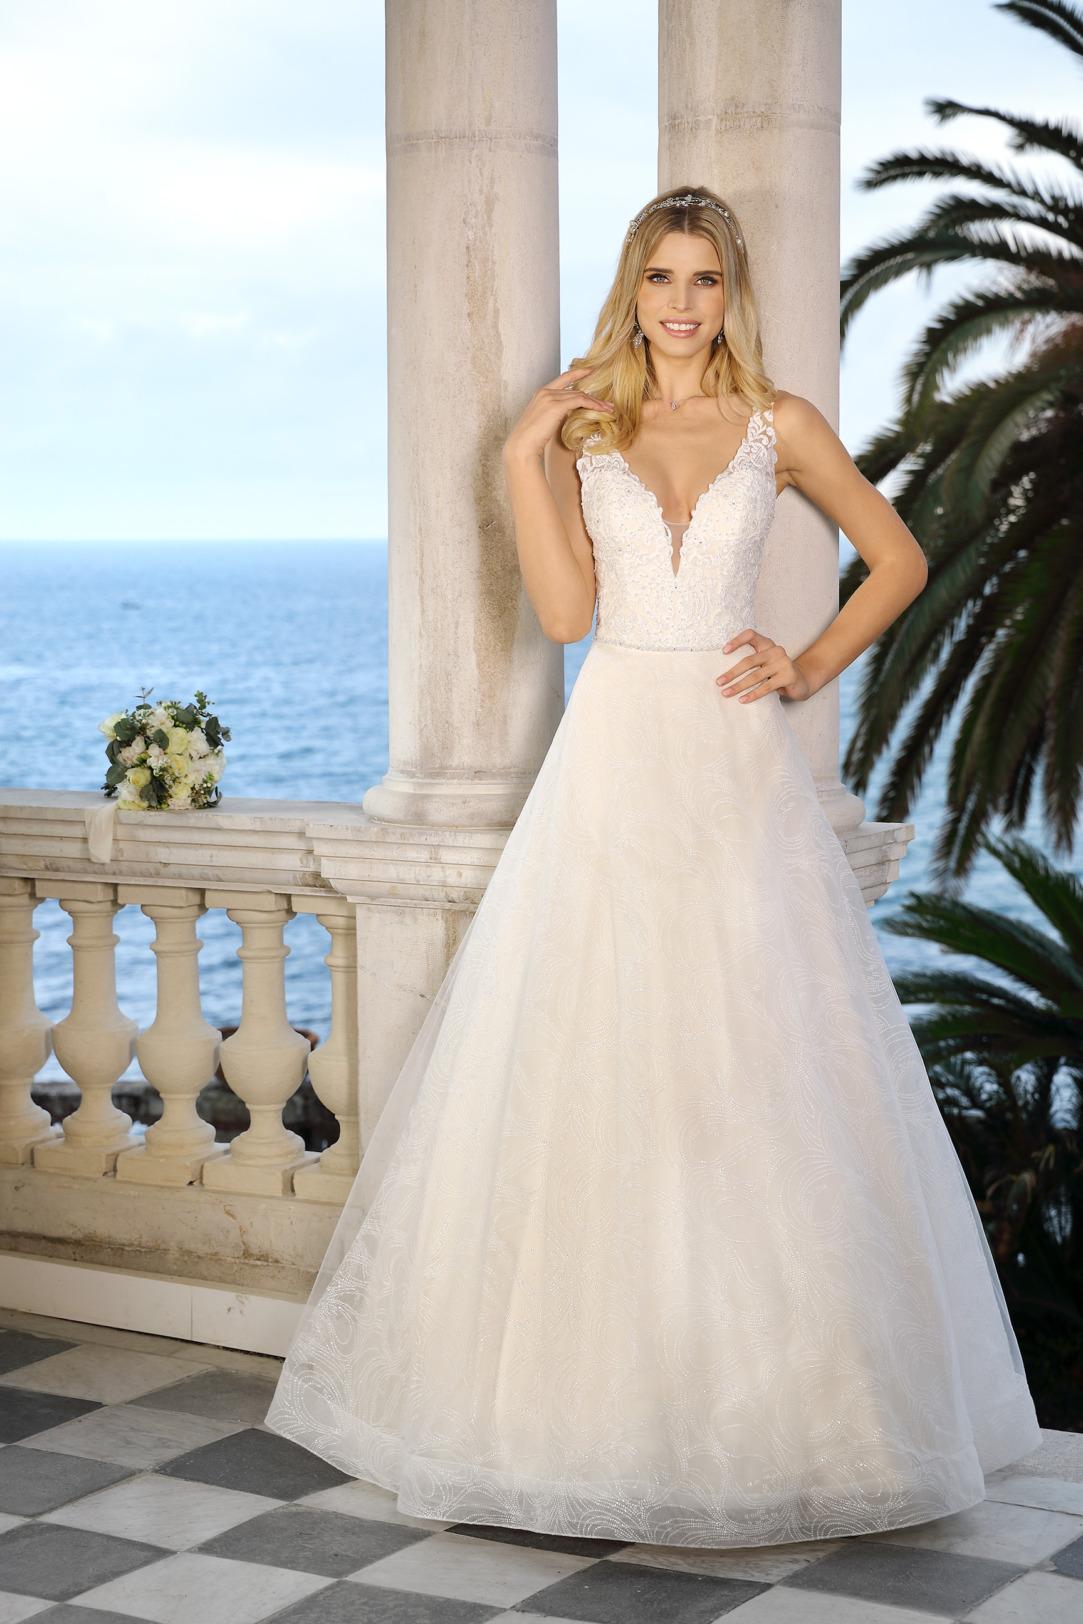 Hochzeitskleid in A-Linie von Ladybird - Modell 521081. Tiefer V-Ausschnitt und breite Träger und Oberteil aus feiner Spitze, mit leichtem Organza Rock